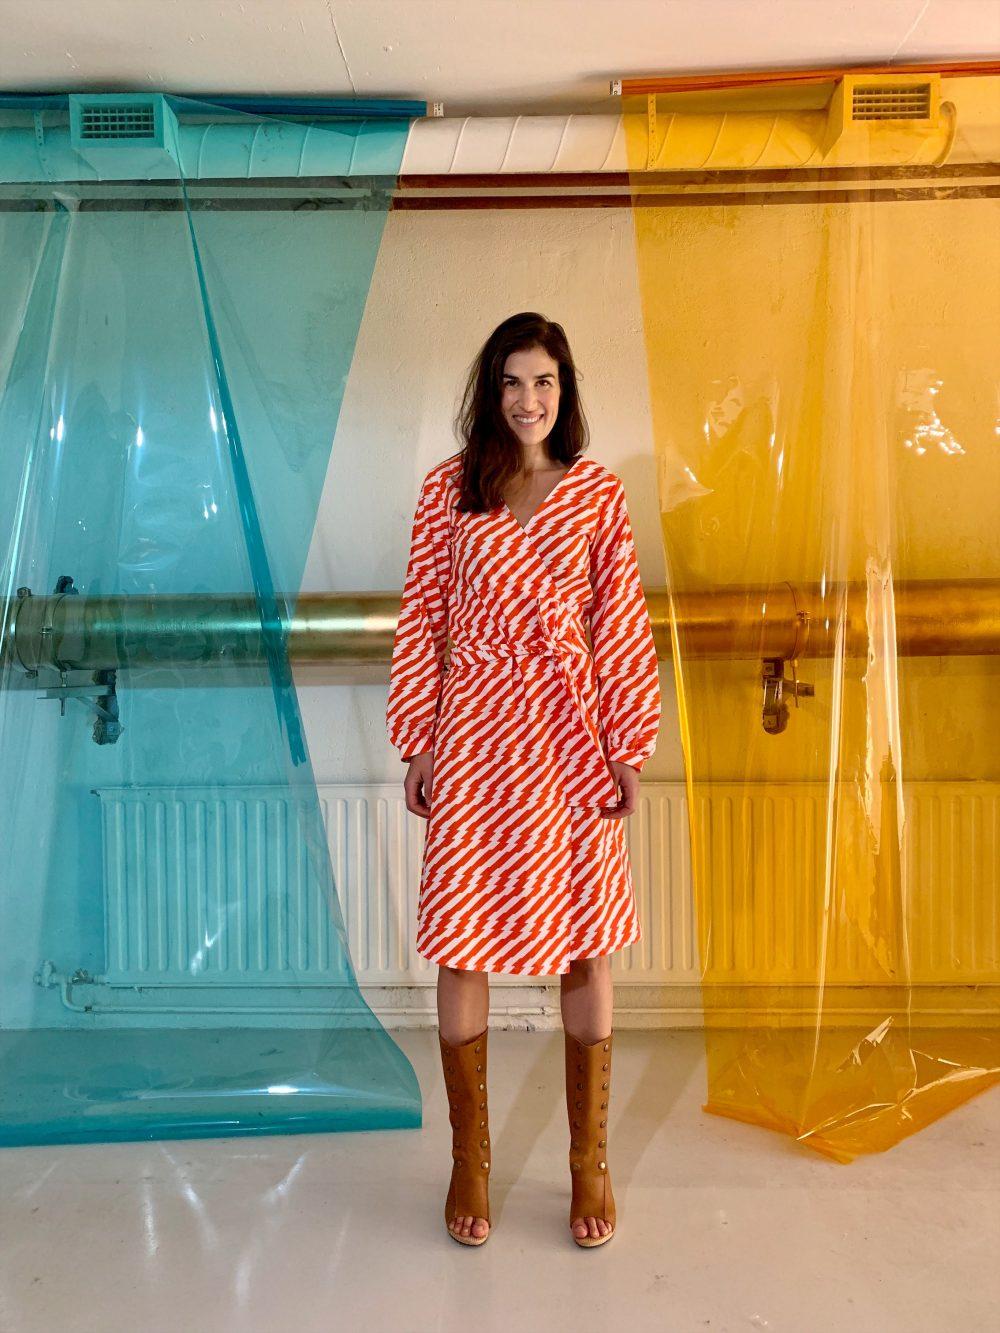 Vimma Wrapped Dress INKERI Sähköä ilmassa puna-valkoinen Onesize - INKERI, Onesize, puna-valkoinen, Sähköä ilmassa, Wrapped Dress